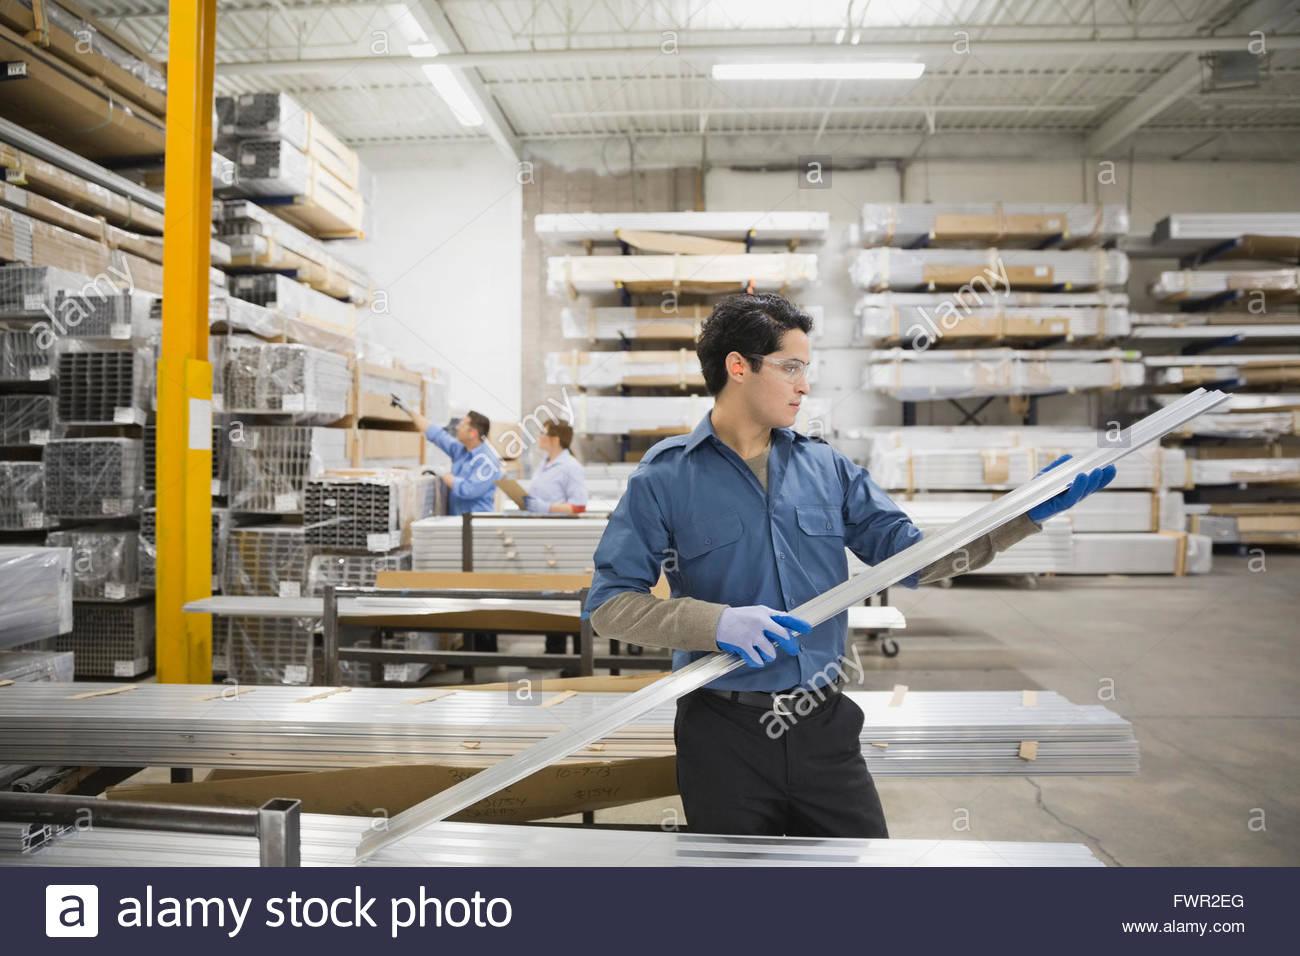 Arbeiter, die Prüfung Stahlteile in Fabrik Stockbild